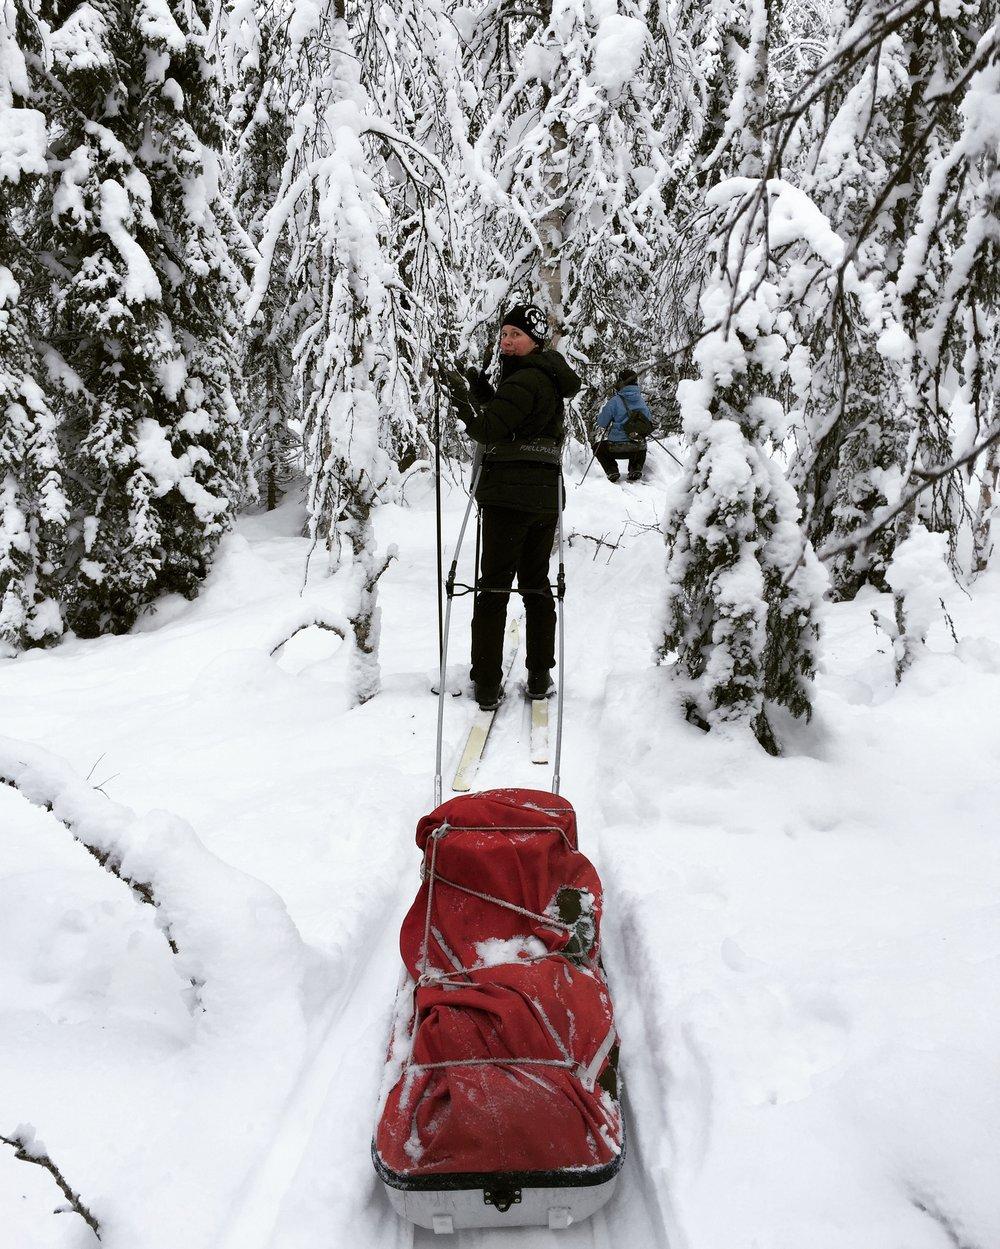 Sirpa in winter wonderland